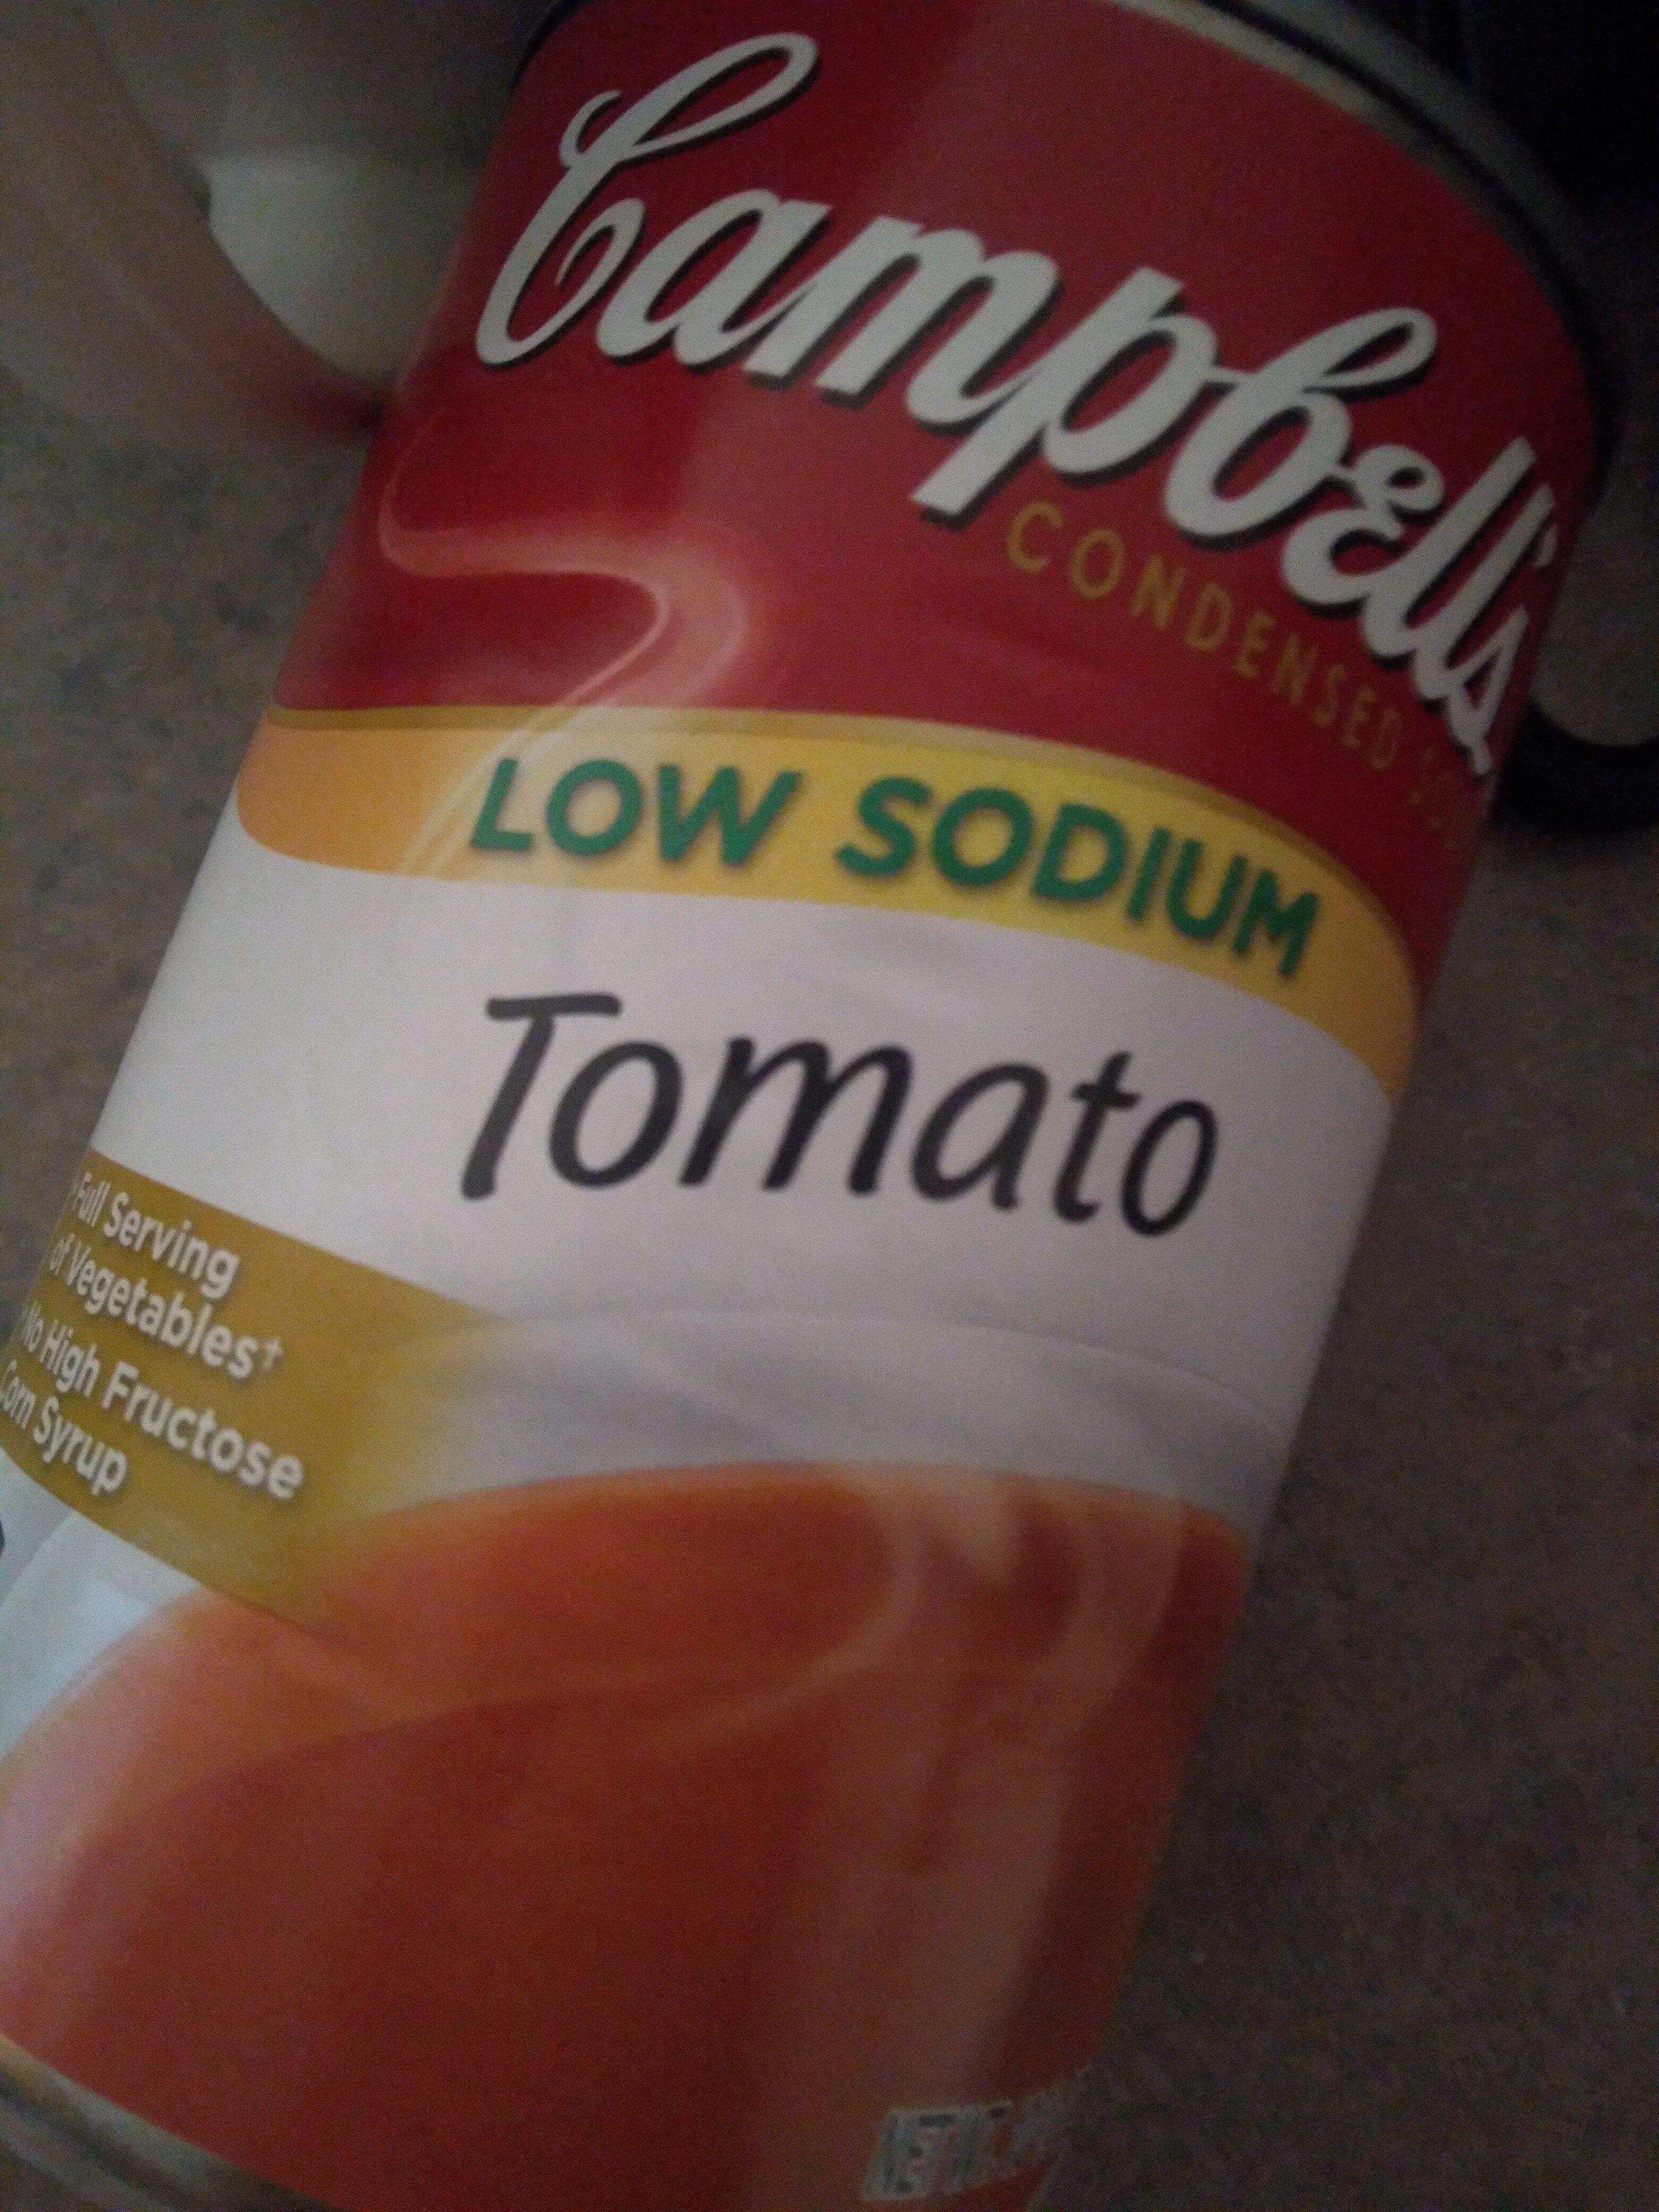 Tomato - Ingredienti - en